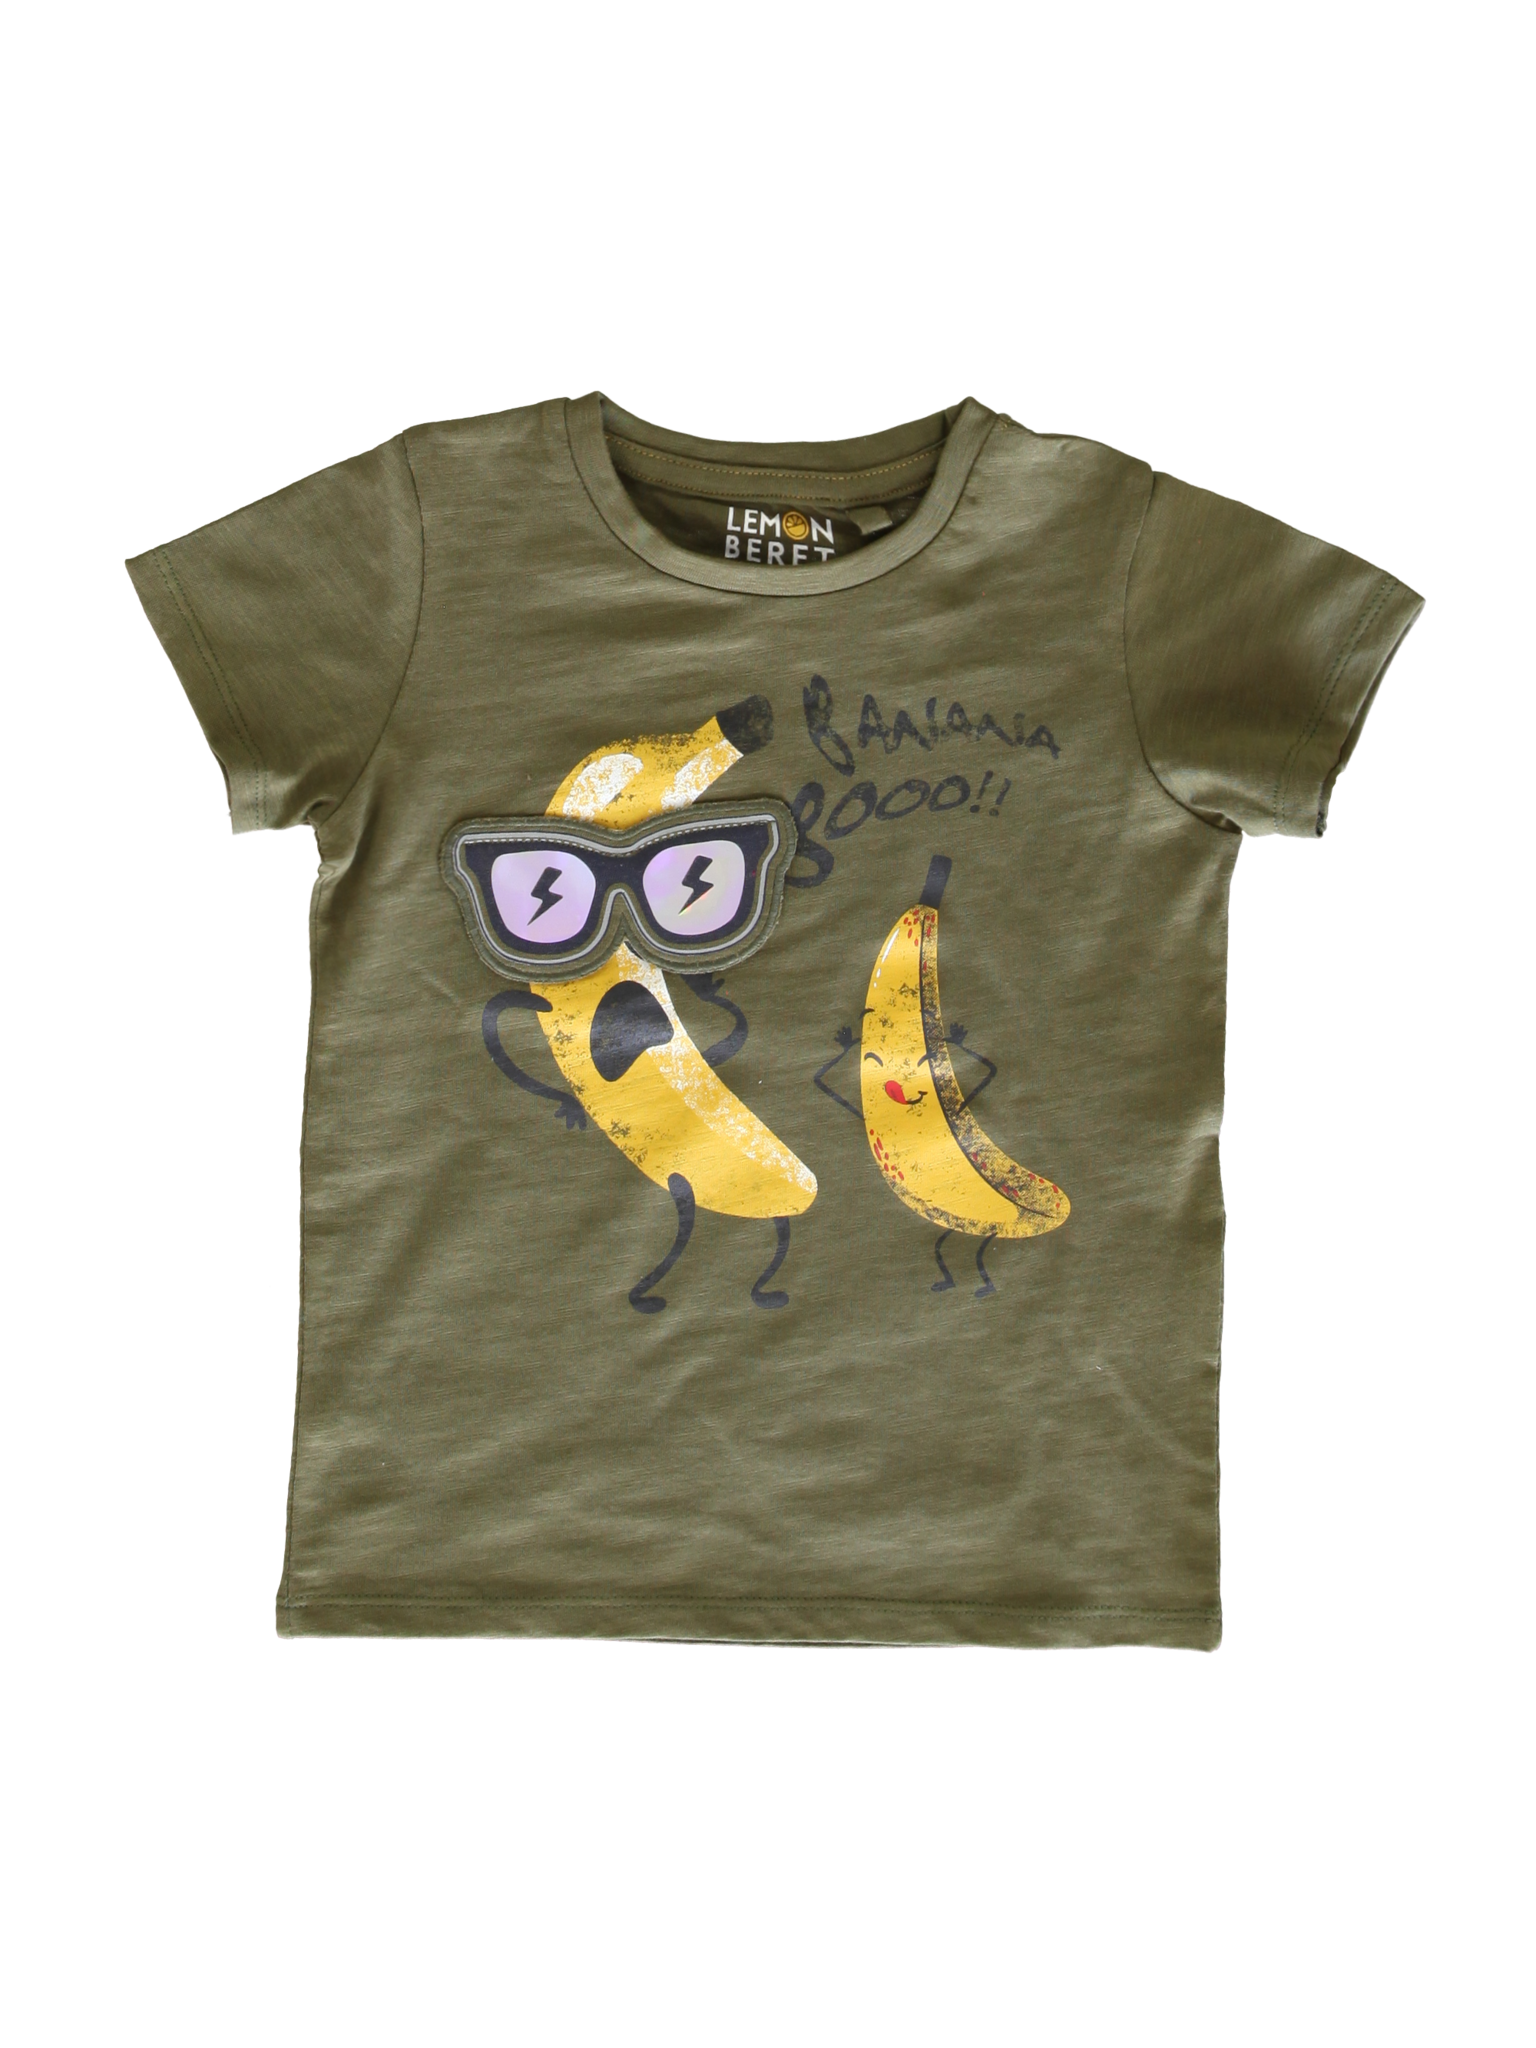 Lemon Beret | Summer 2020 Small Boys | T-shirt | 12 pcs/box